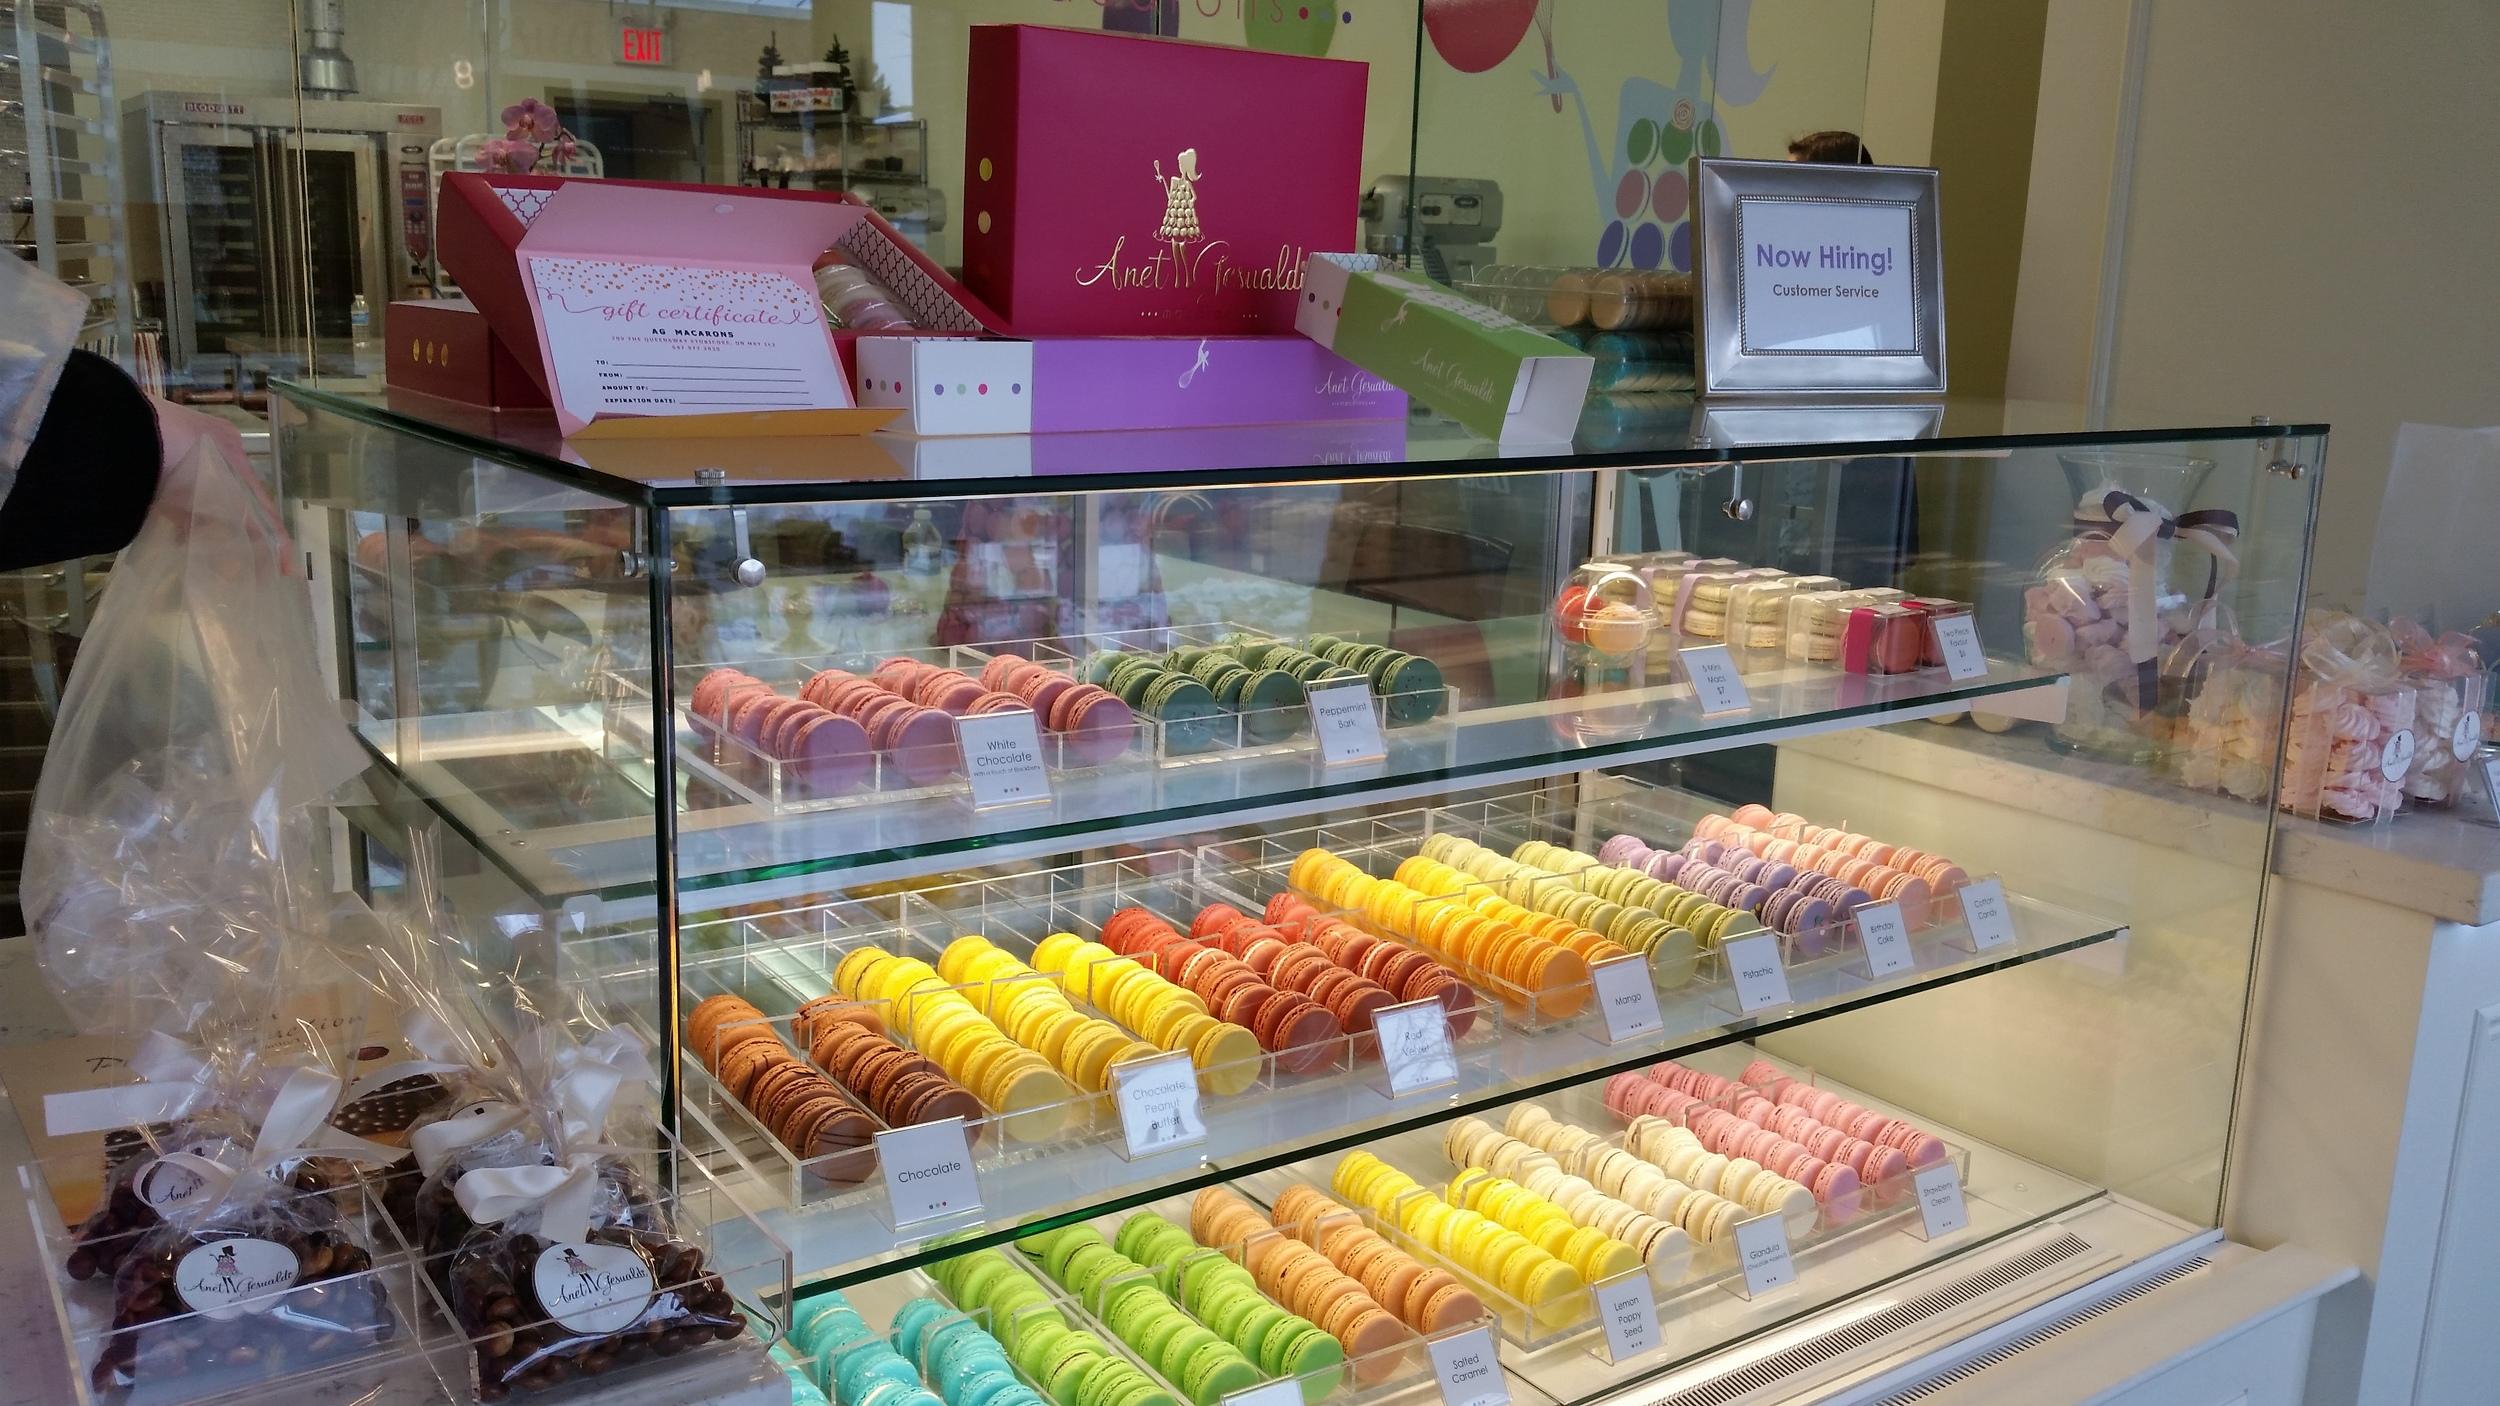 Gorgeous macaron display at AG Macaron